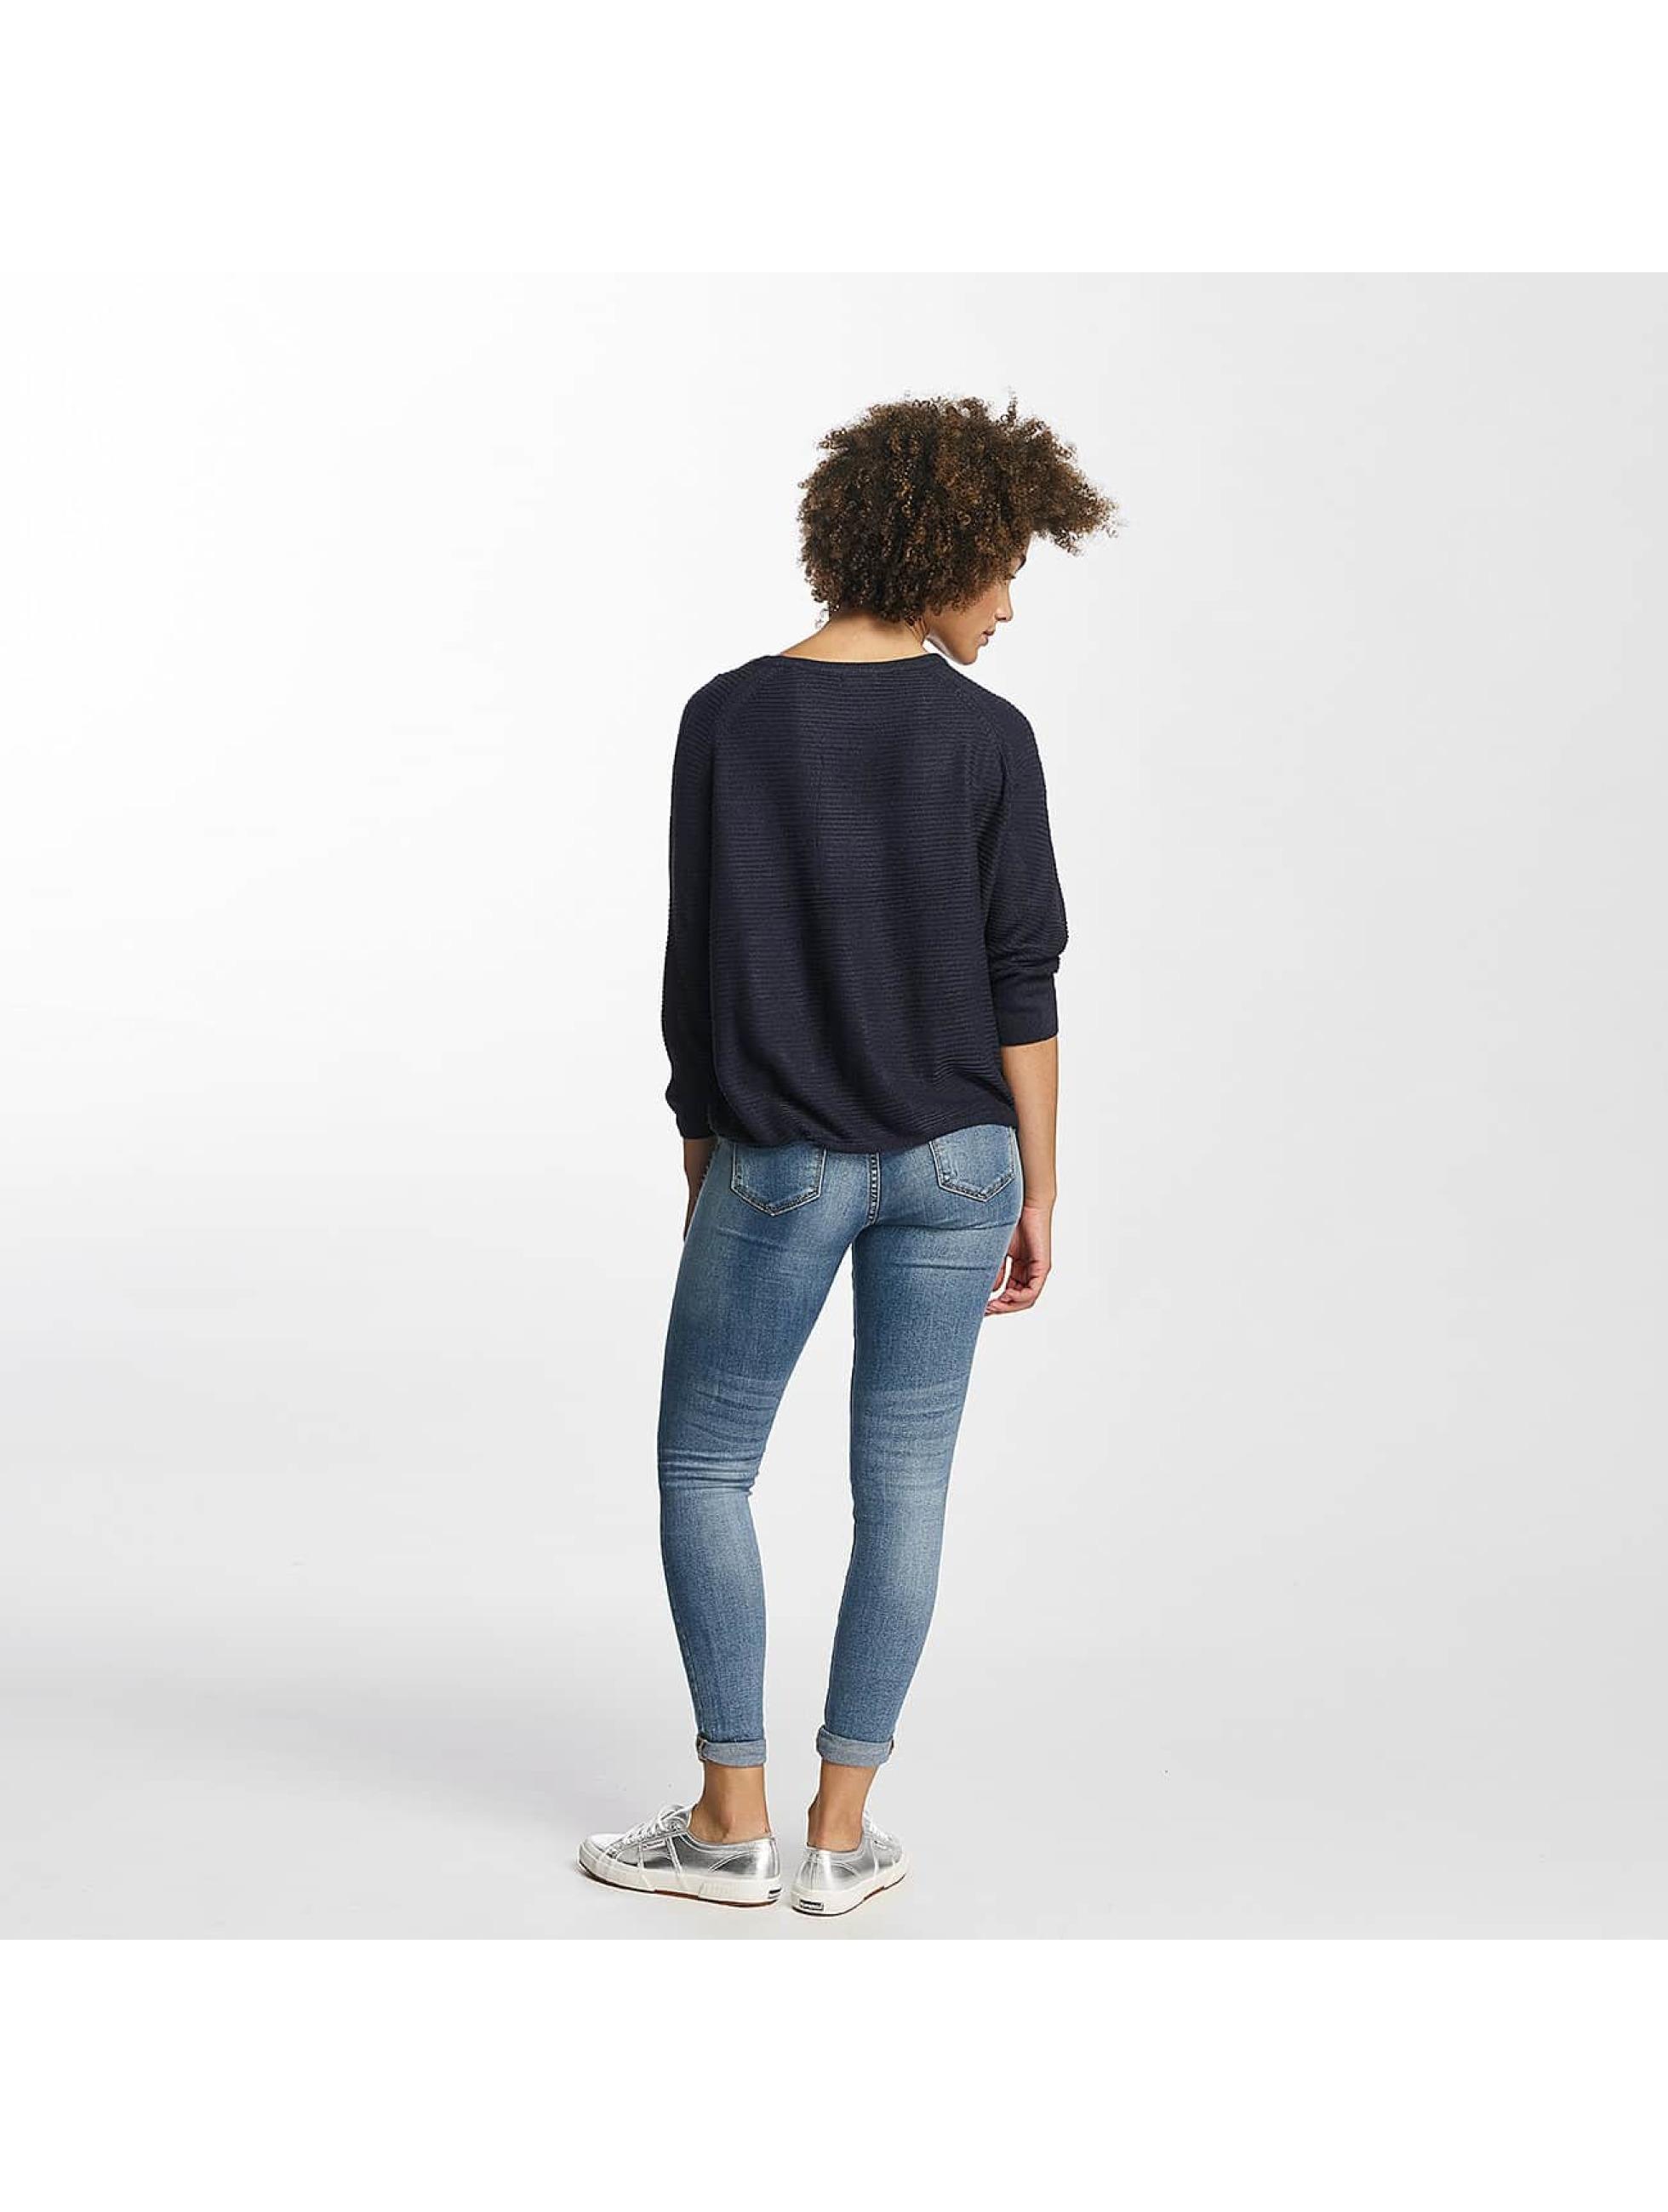 JACQUELINE de YONG Sweat & Pull jdyMati Knit bleu